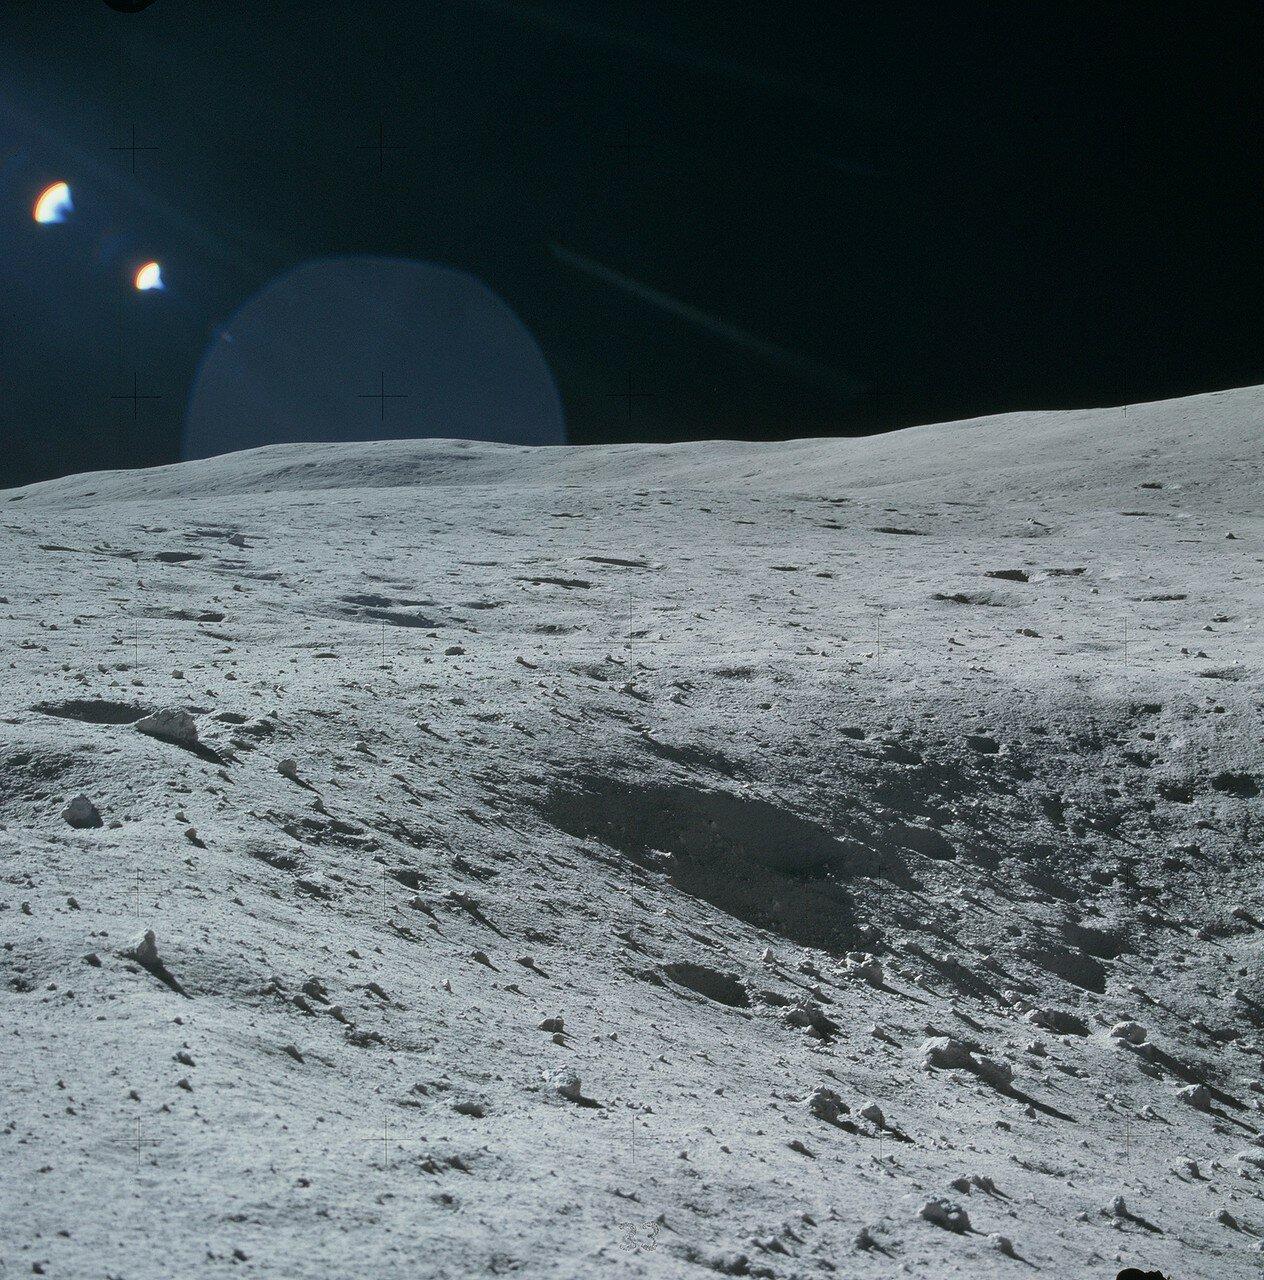 Перед самой посадкой Янгу пришлось облететь небольшой кратер диаметром 15 м. На снимке: Часть 15-метрового кратера, который Янгу пришлось перелететь перед посадкой